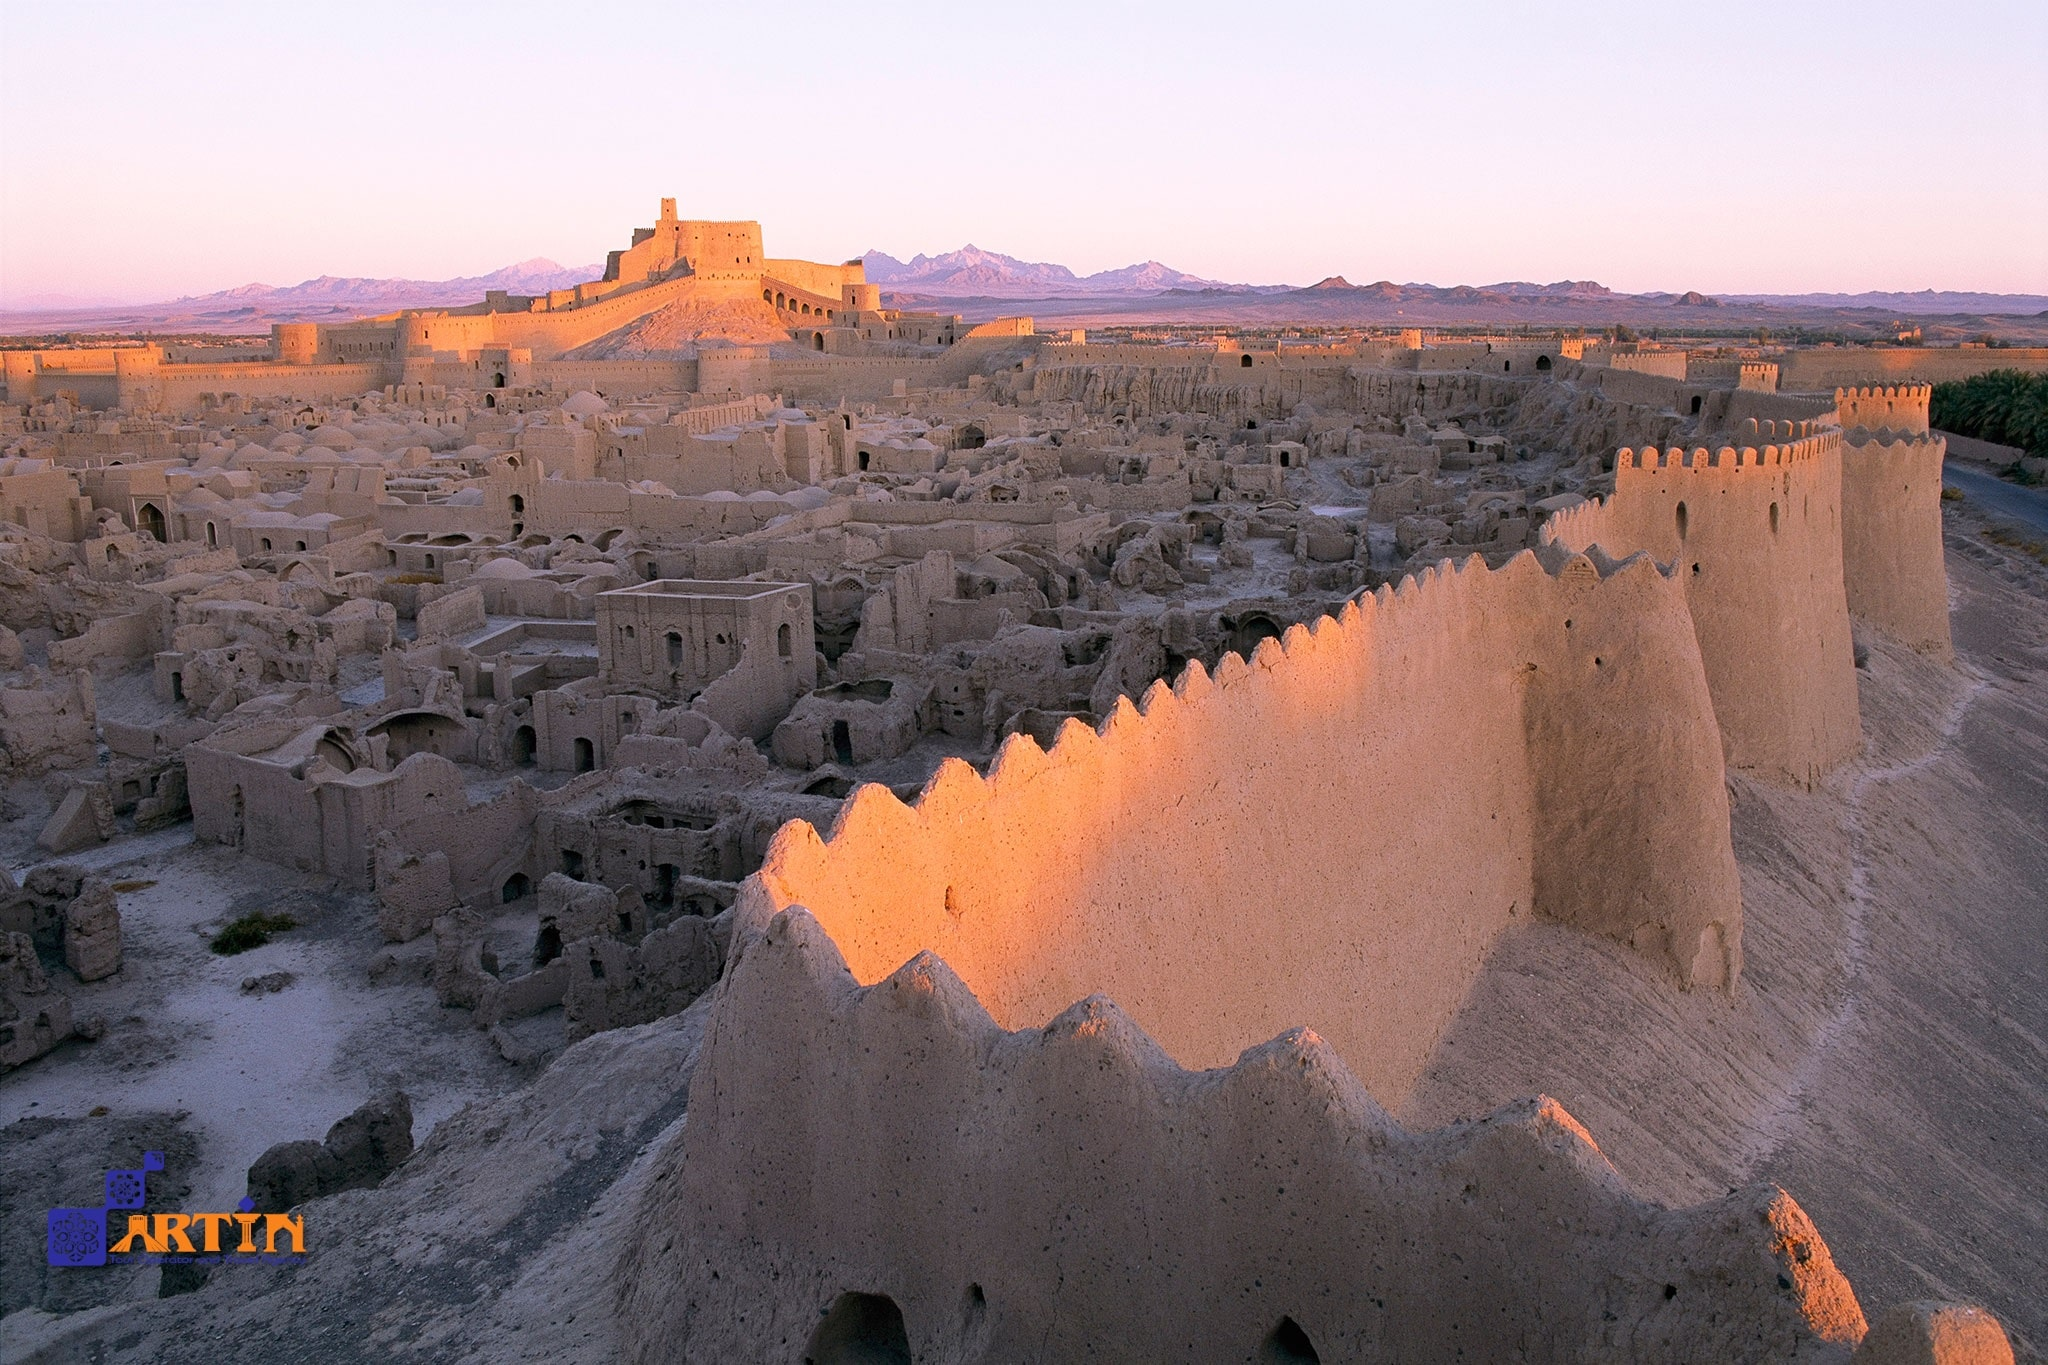 Arg-e Bam unesco site in Kerman